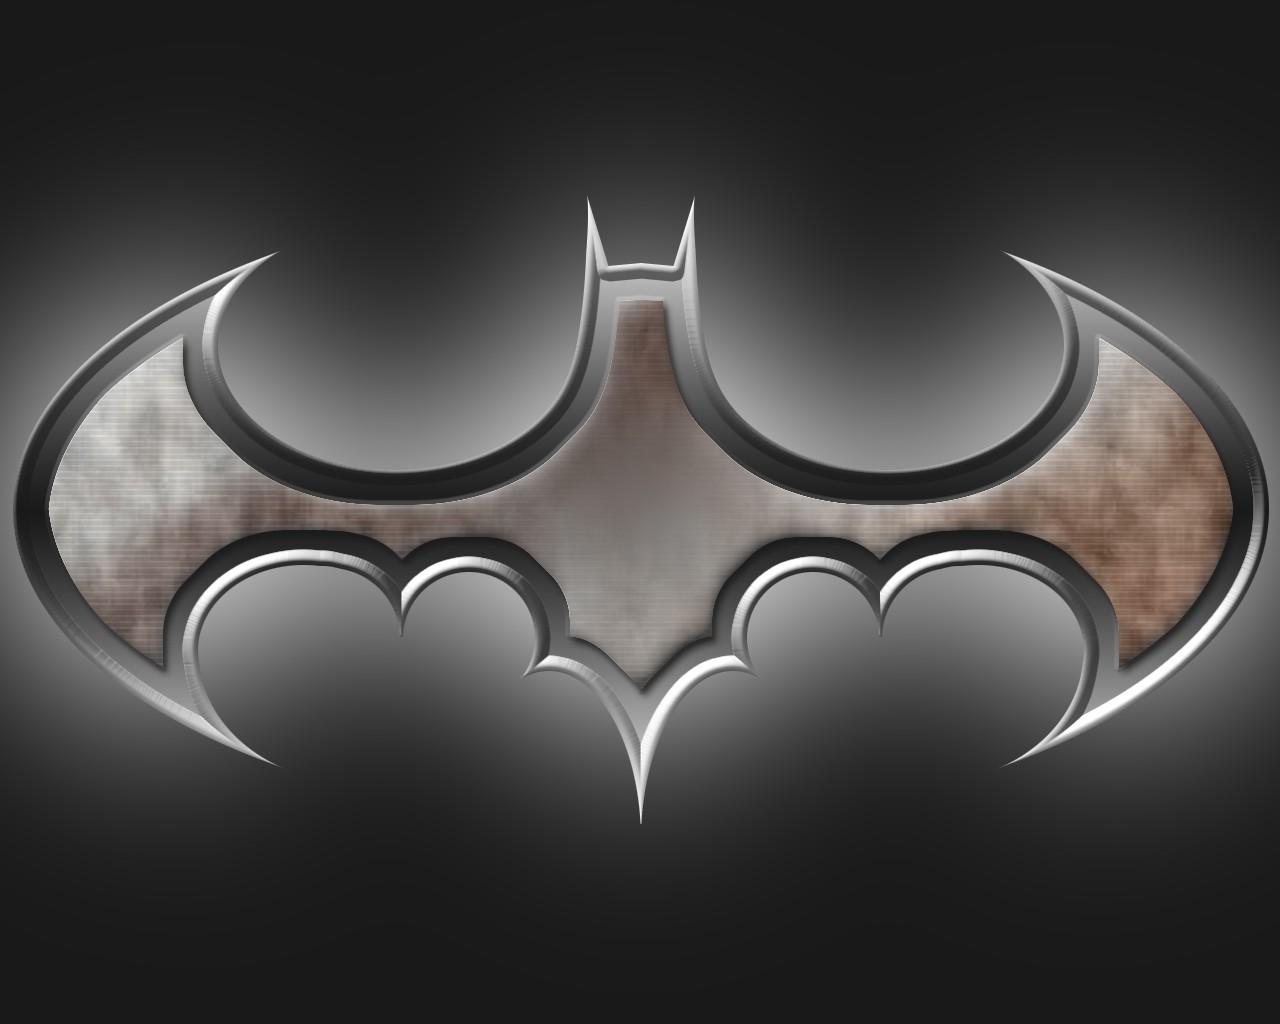 Logo Logo Wallpaper Collection BATMAN LOGO WALLPAPER COLLECTION 1280x1024